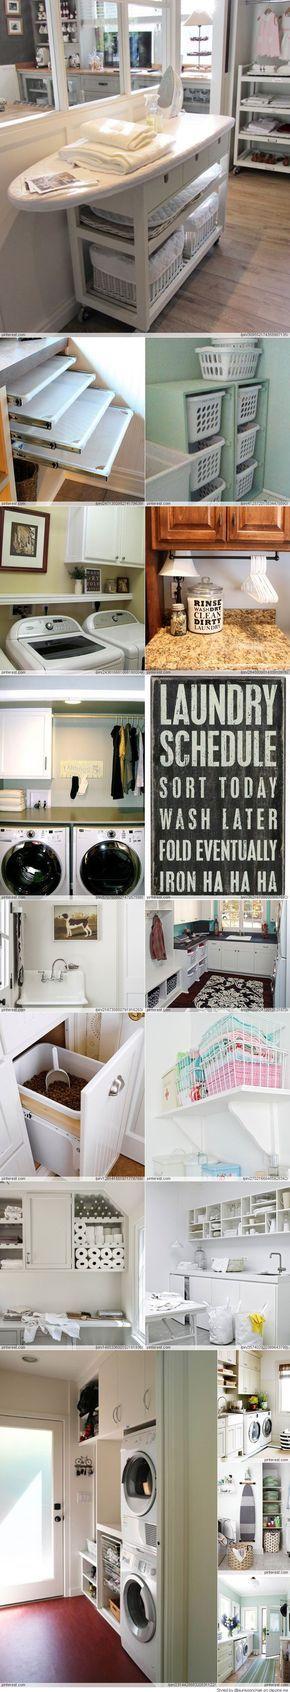 Laundry room ideas: tabla de planchar y armario con ropa sucia